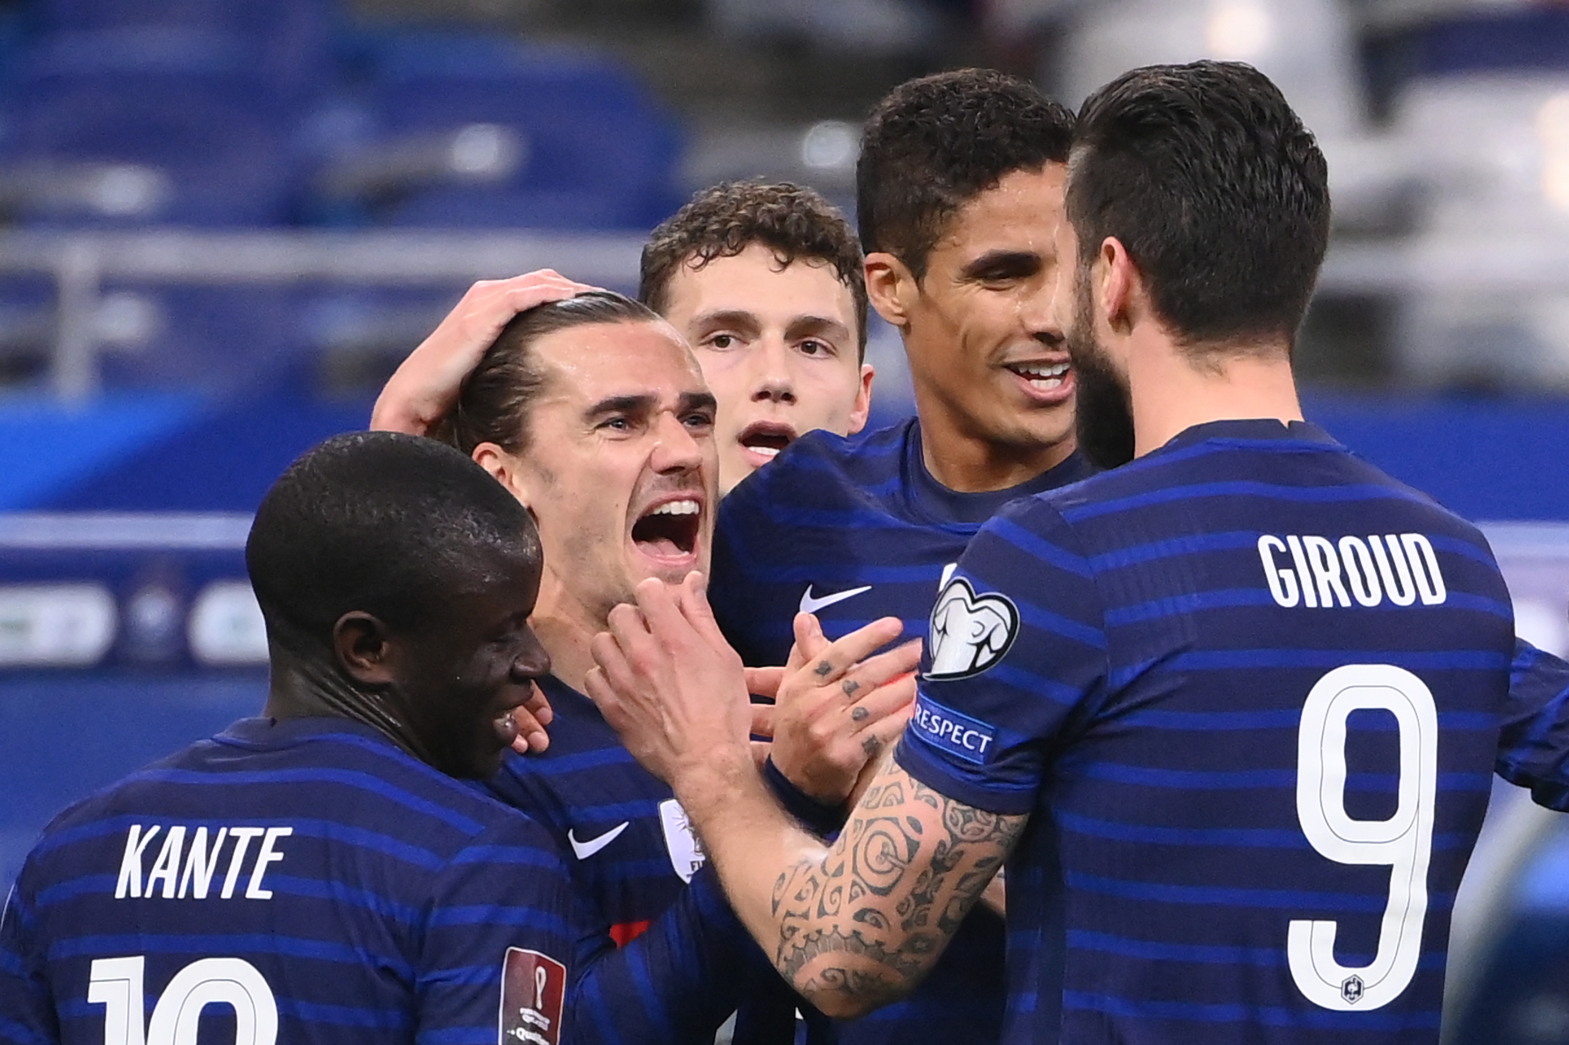 L'Équipe de France fait son entrée dans la compétition ce mardi contre l'Allemagne.